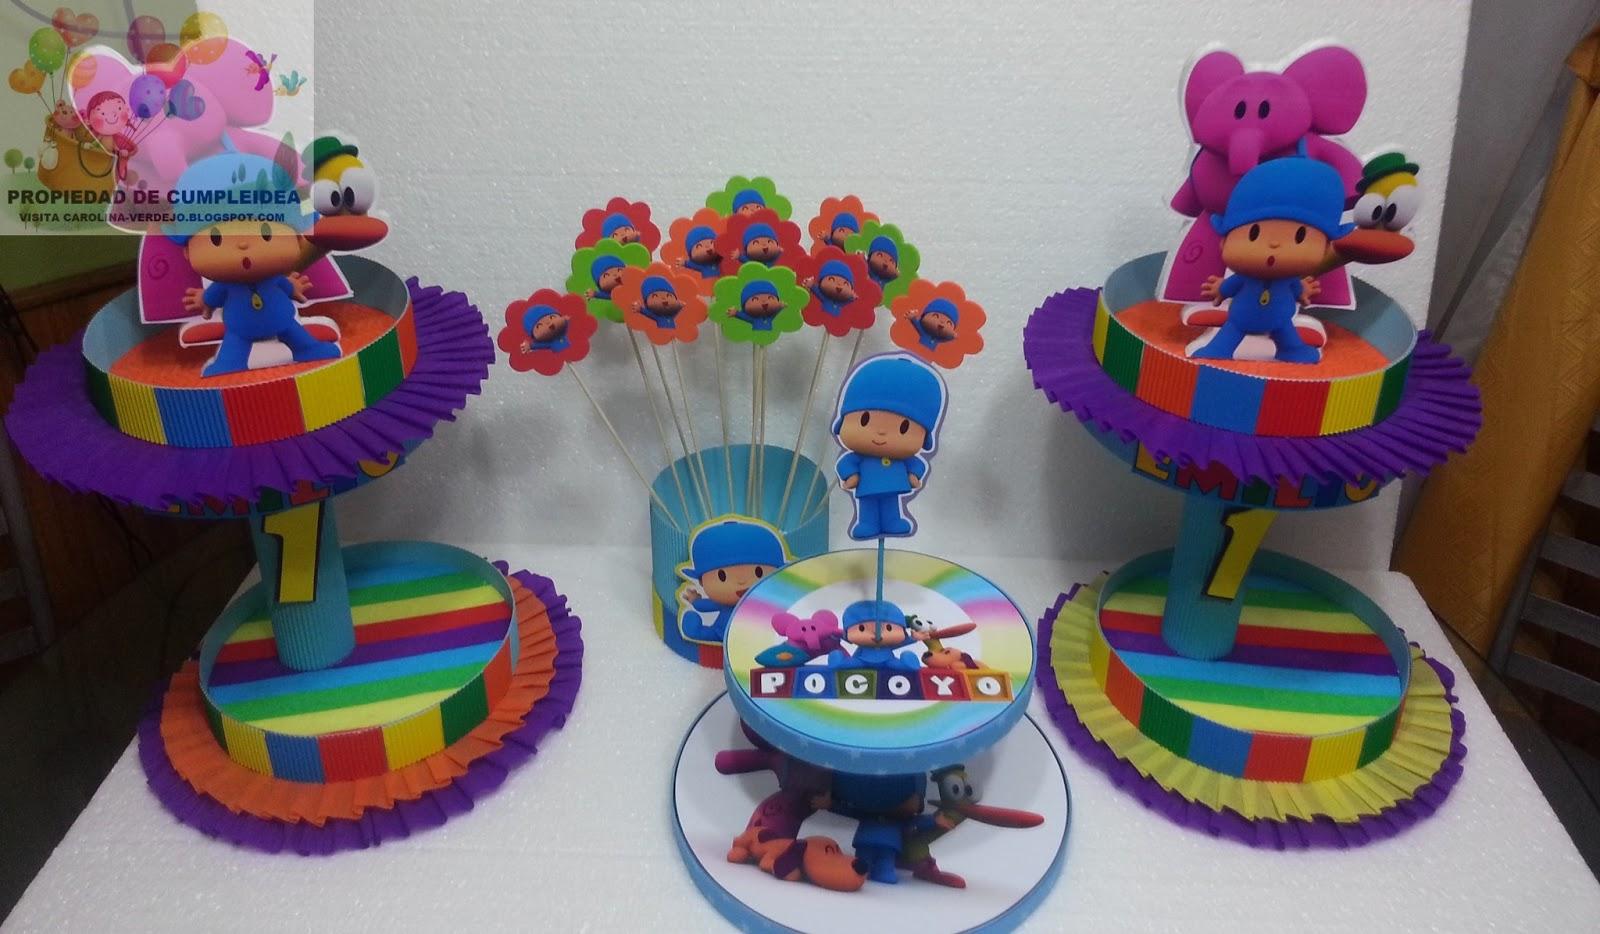 Decoraciones infantiles pocoyo for Decoraciones infantiles